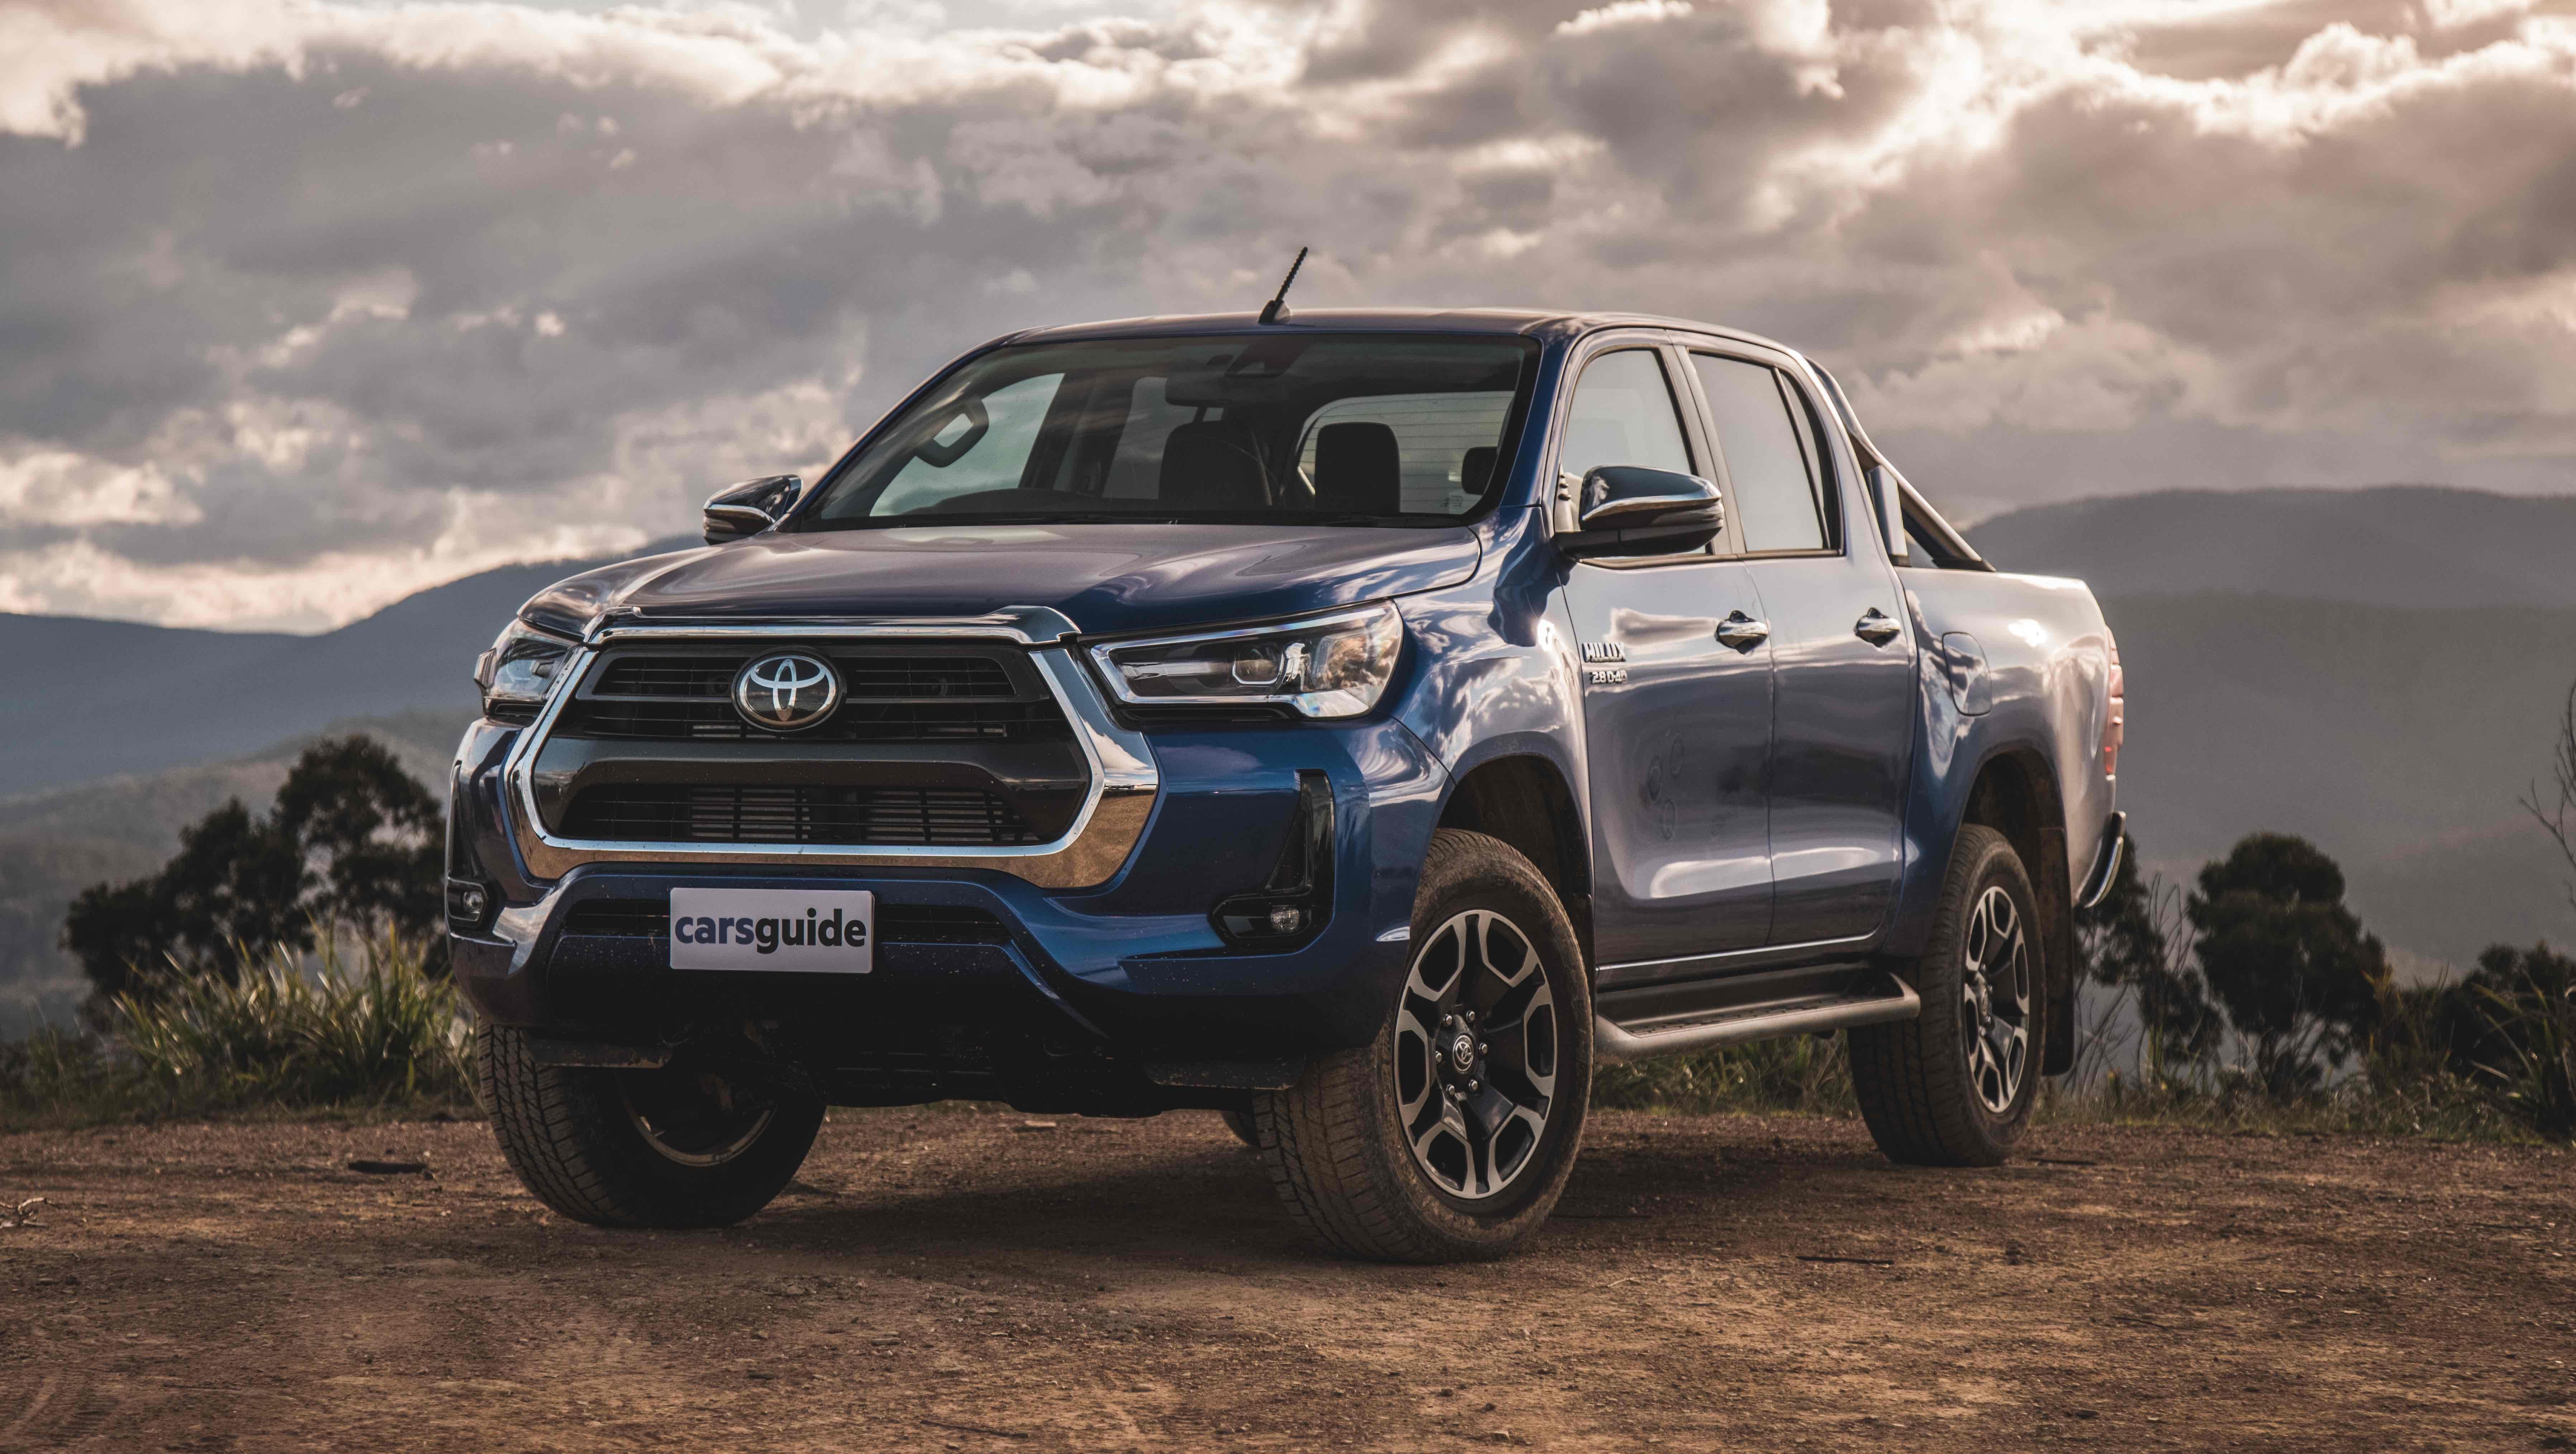 2021 Toyota Vigo Price and Review